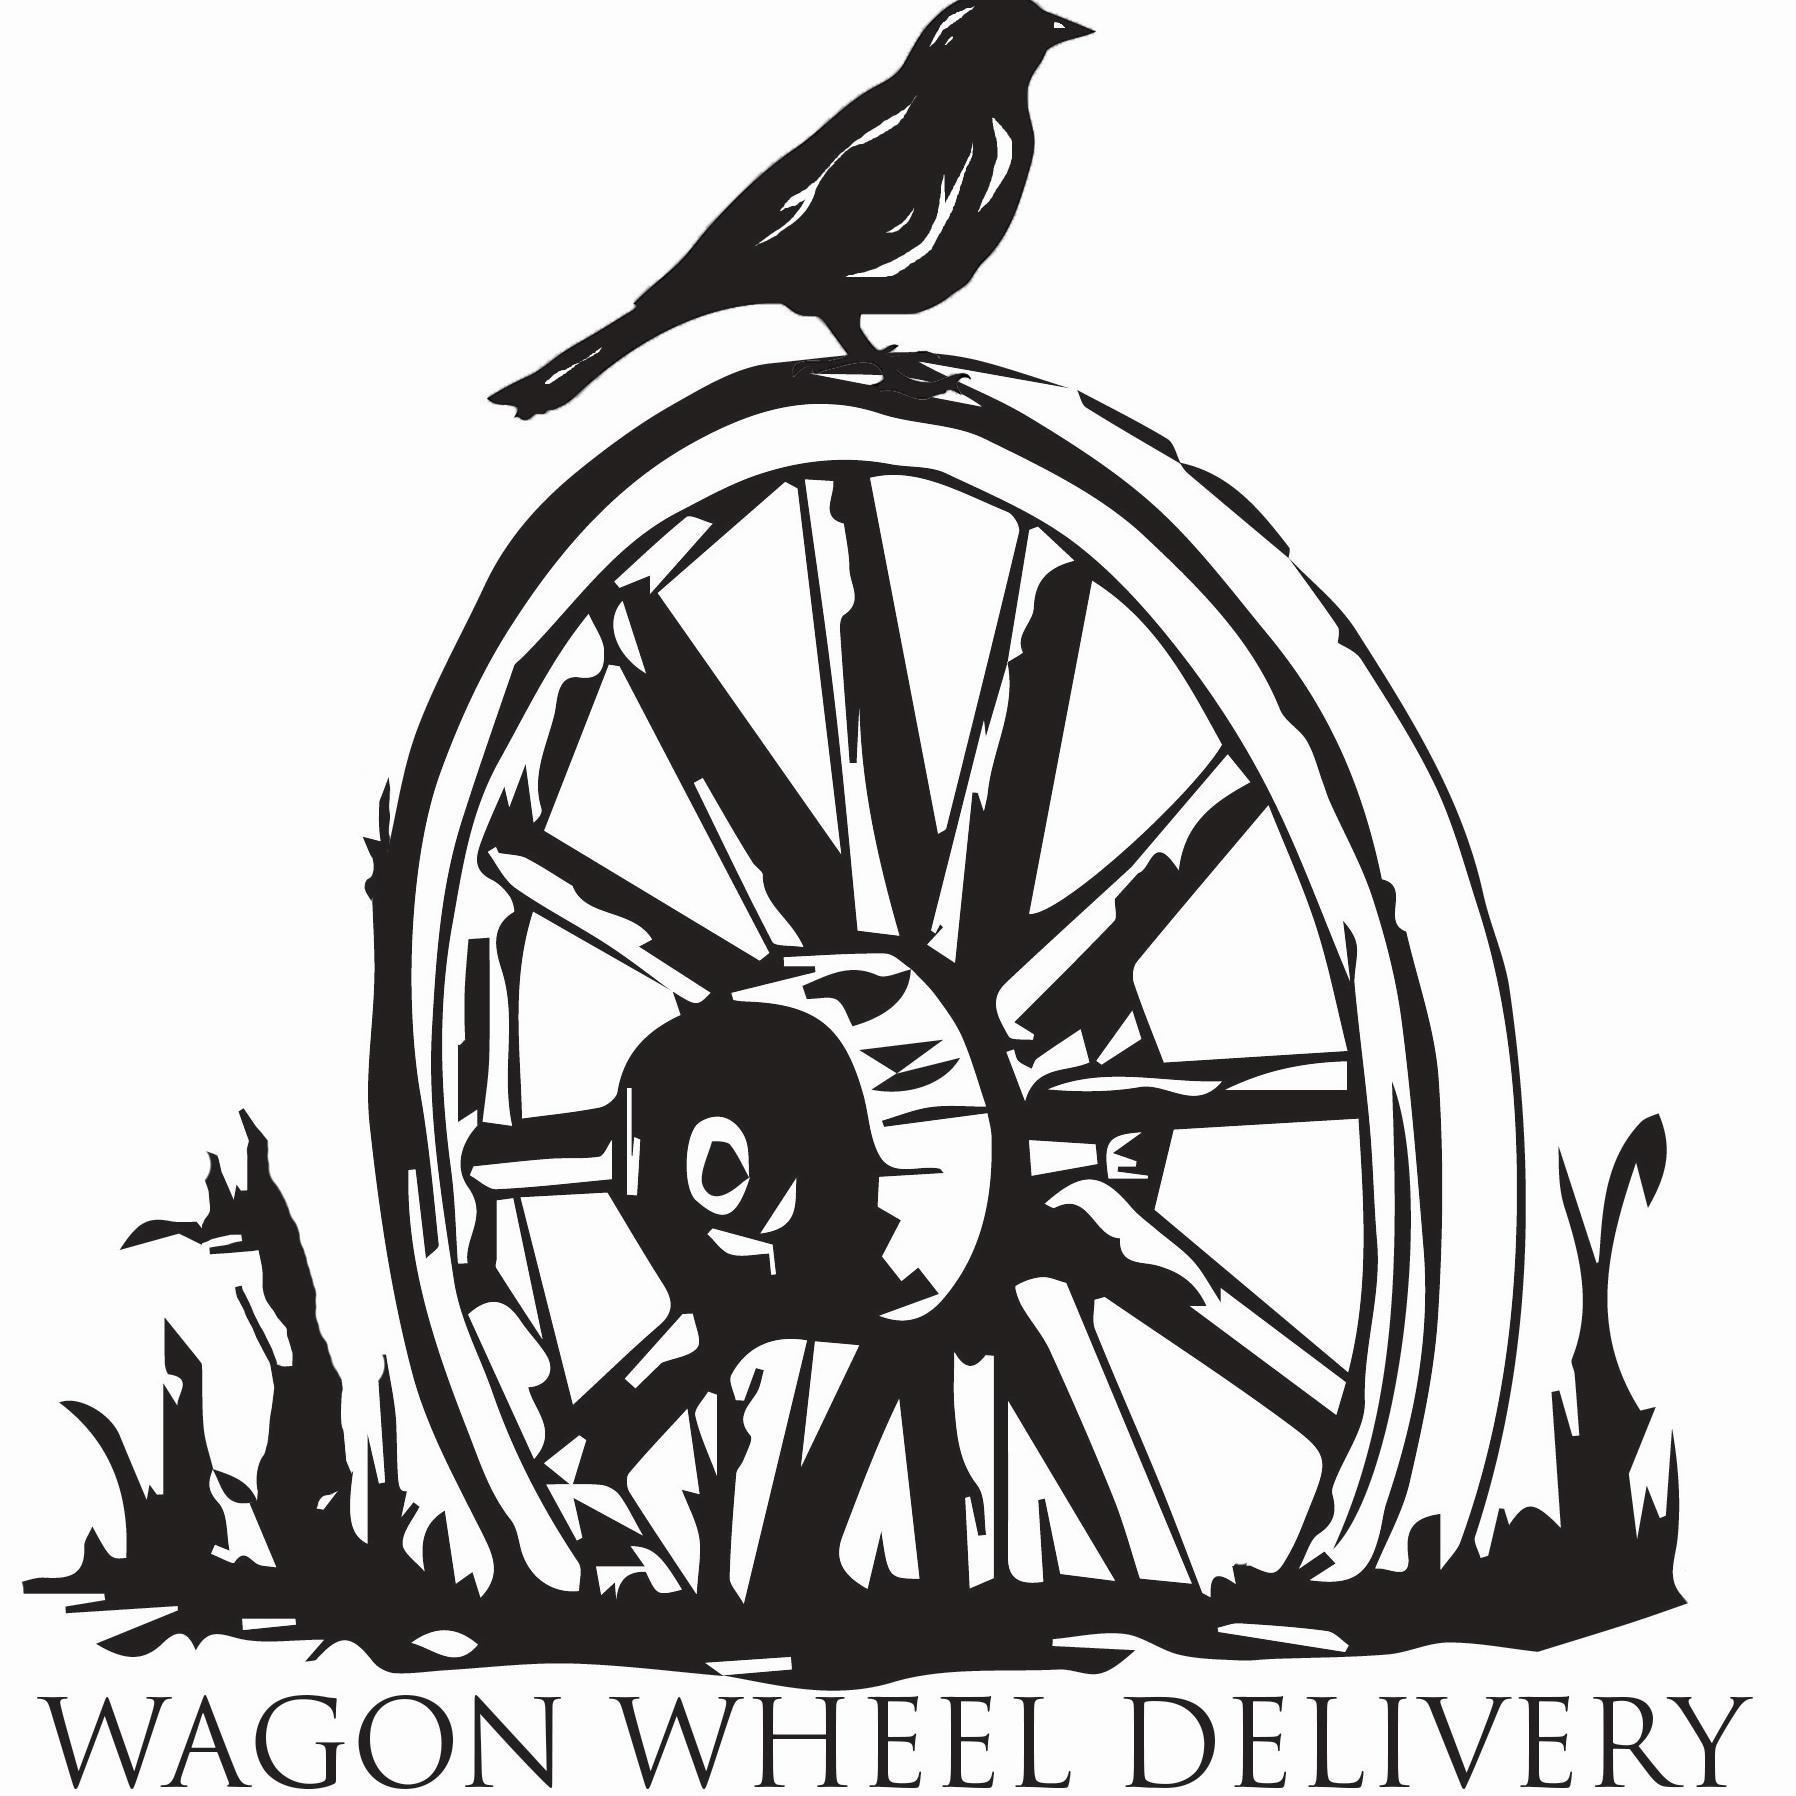 Wagon Wheel Delivery Deliverywagon